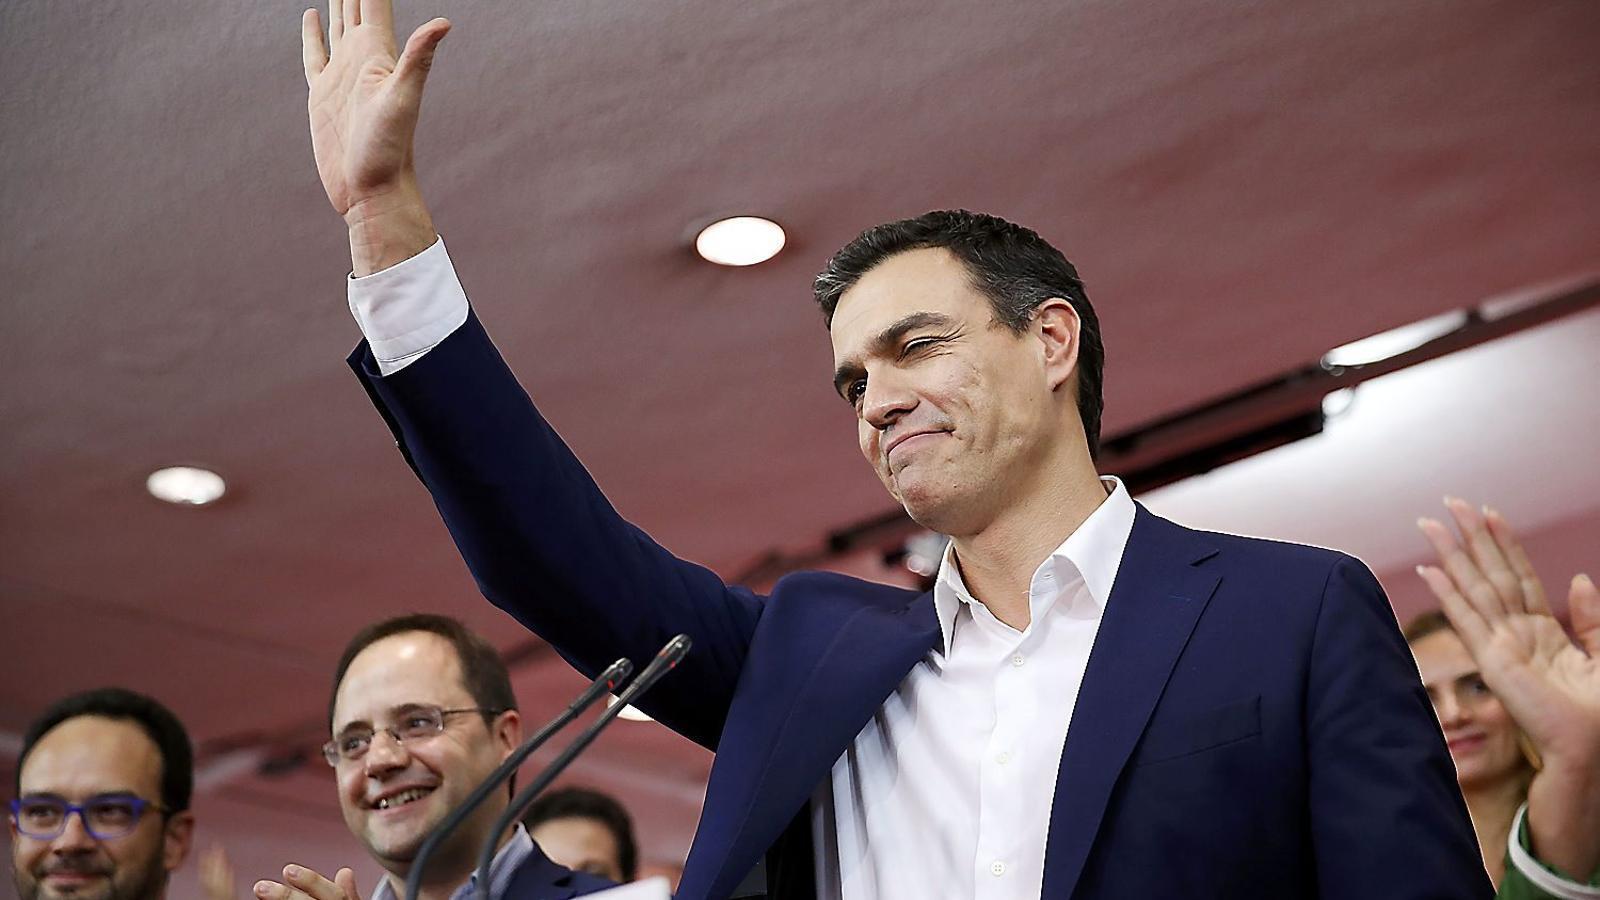 El cap de llista del PSOE, Pedro Sánchez, saludant ahir els militants aplegats a Ferraz després de conèixer els resultats electorals.